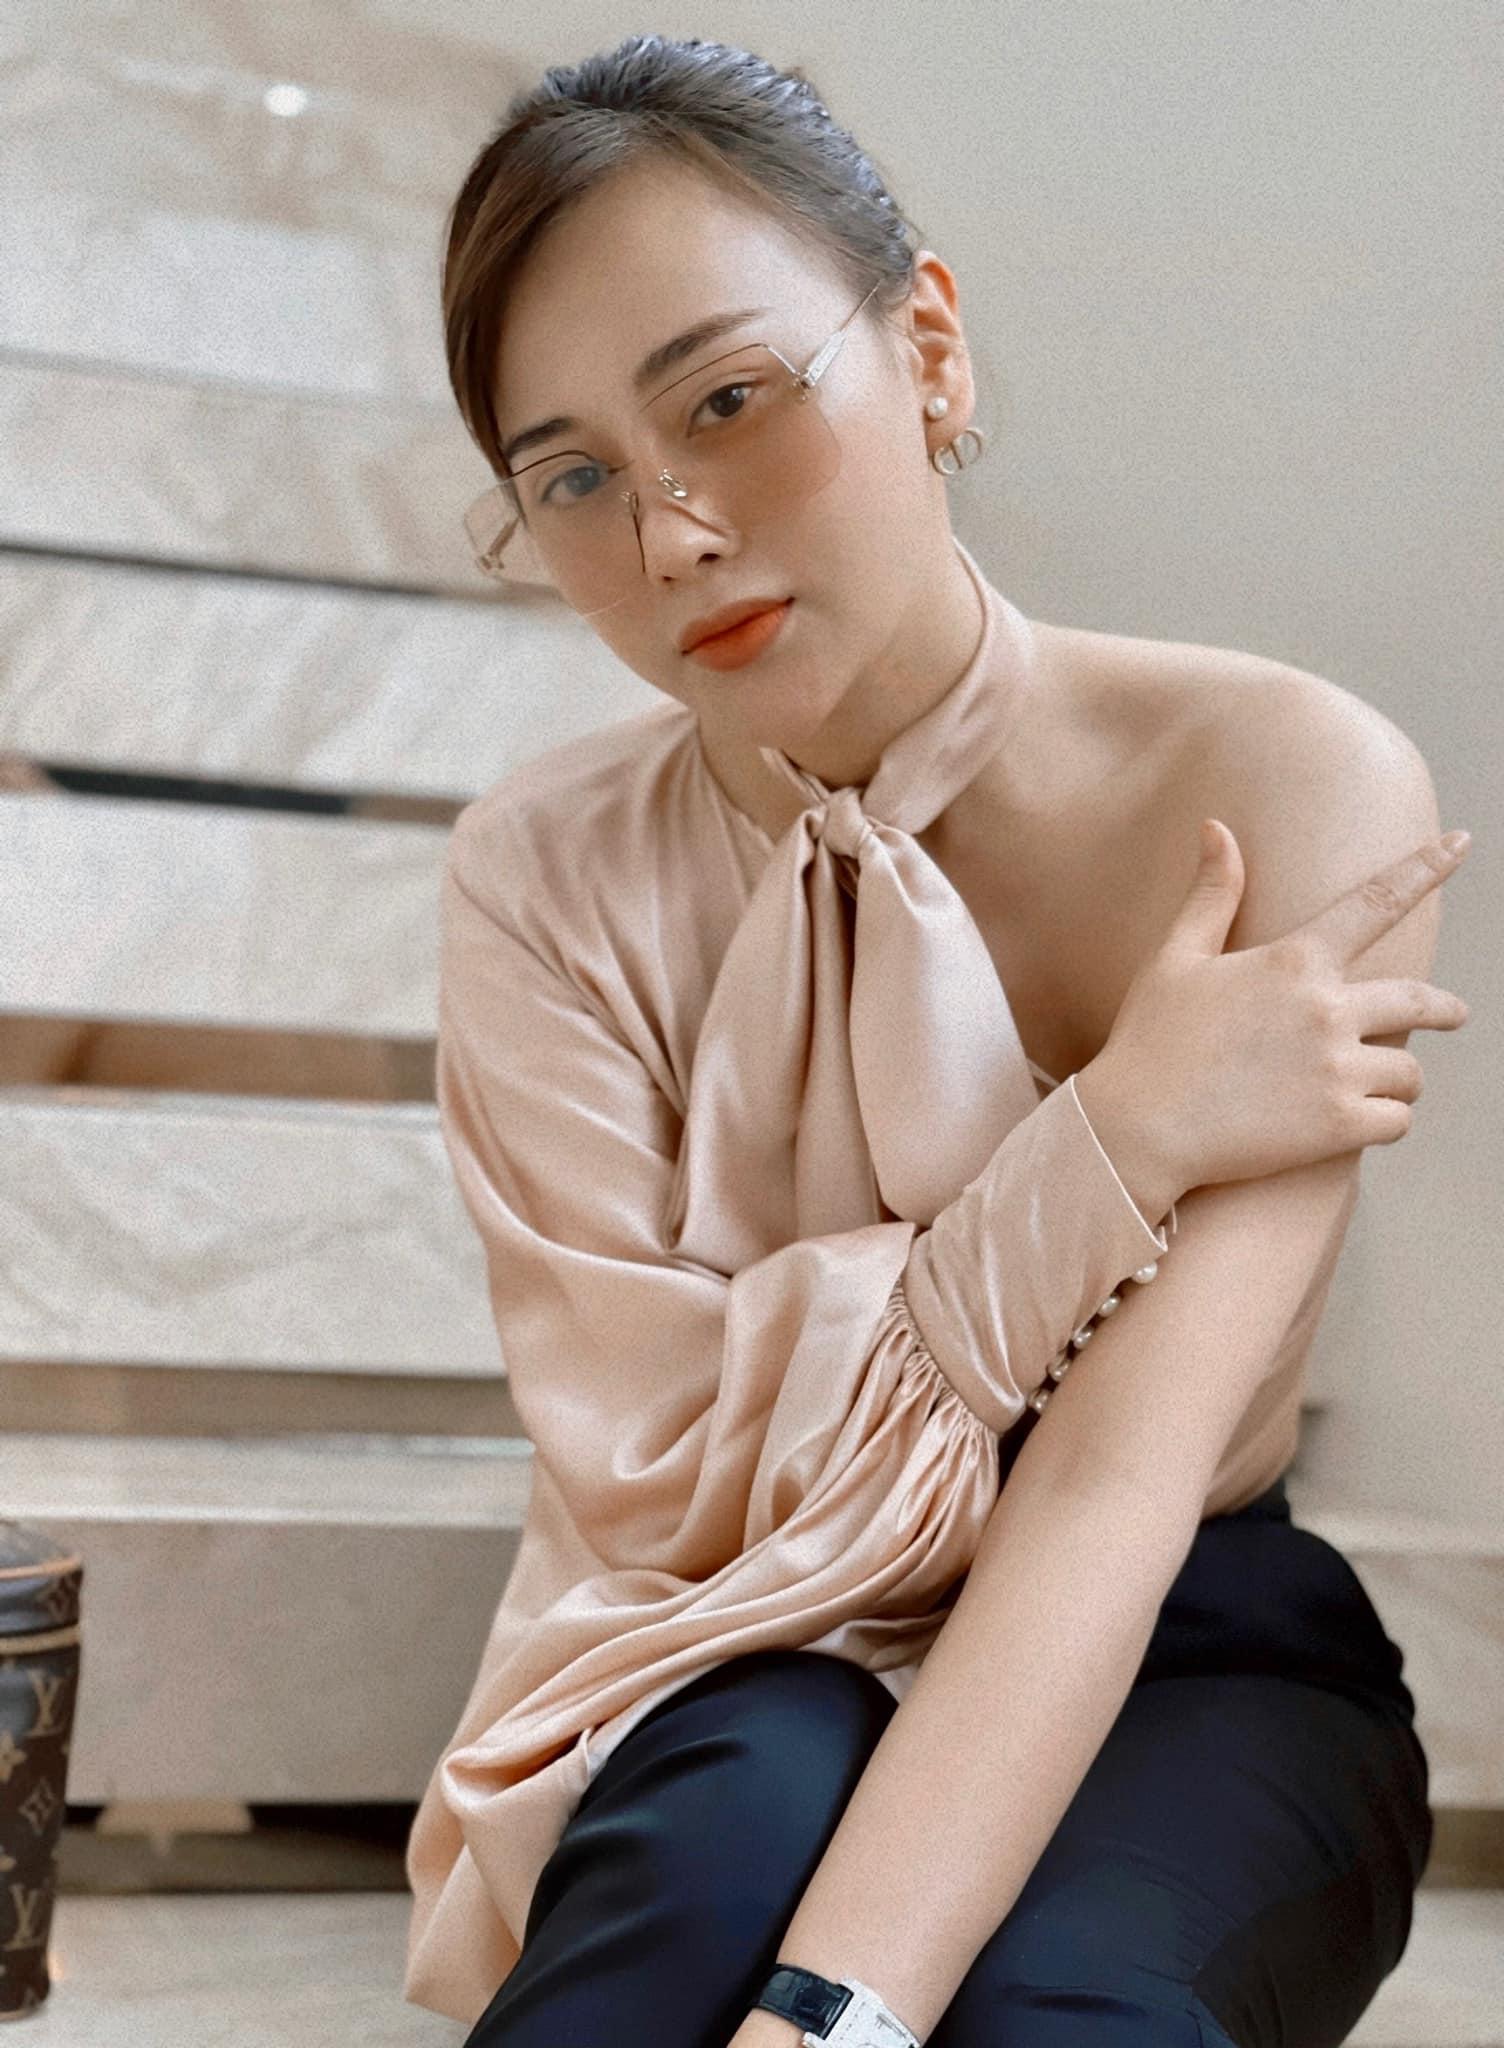 Hồ Ngọc Hà táo bạo diện váy xẻ sâu, Quỳnh Nga dẫn đầu top sao mặc đẹp tuần qua - Ảnh 12.